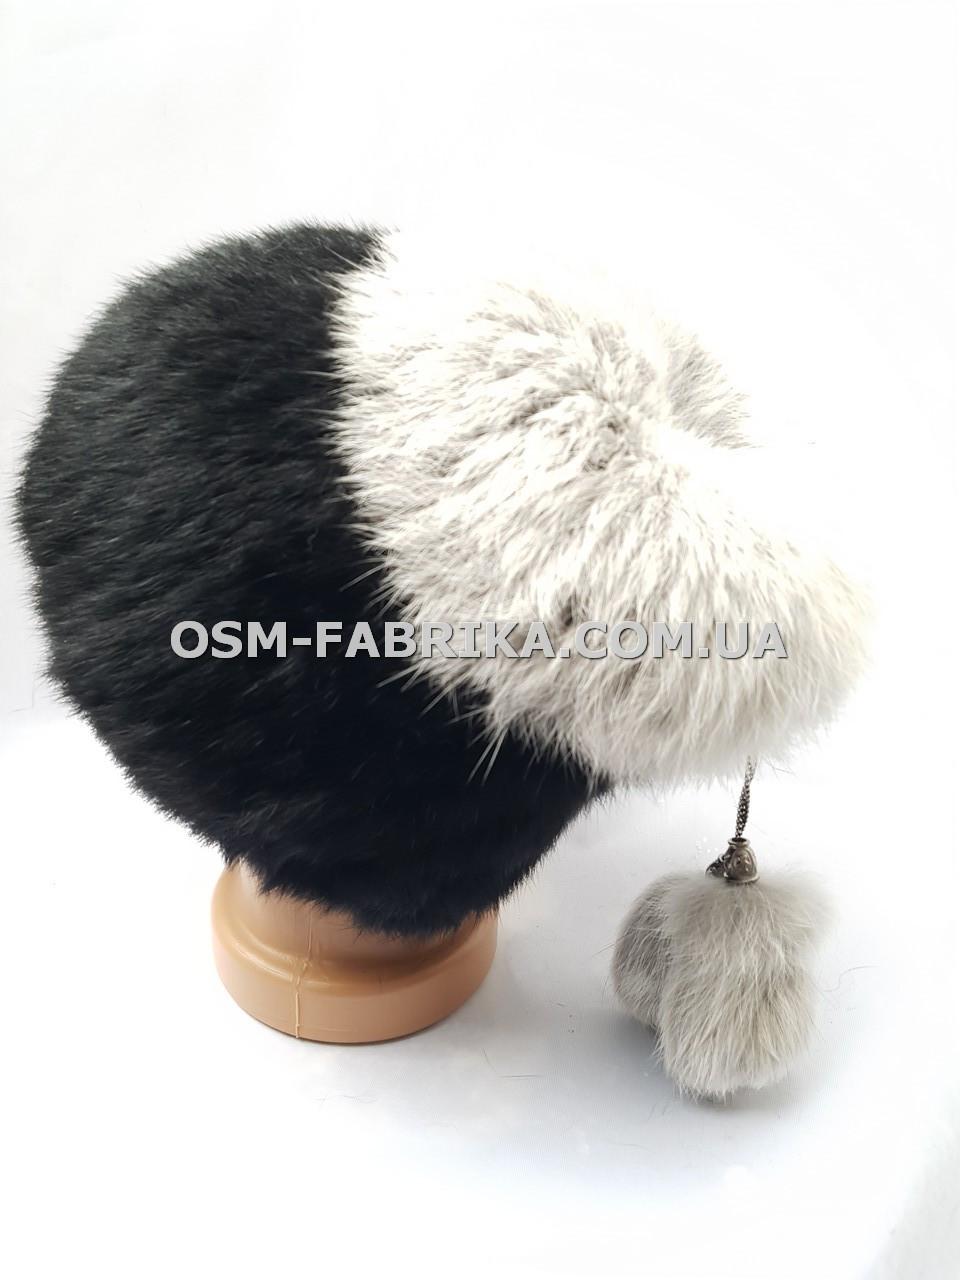 Женская меховая шапка кролик по выгодным ценам